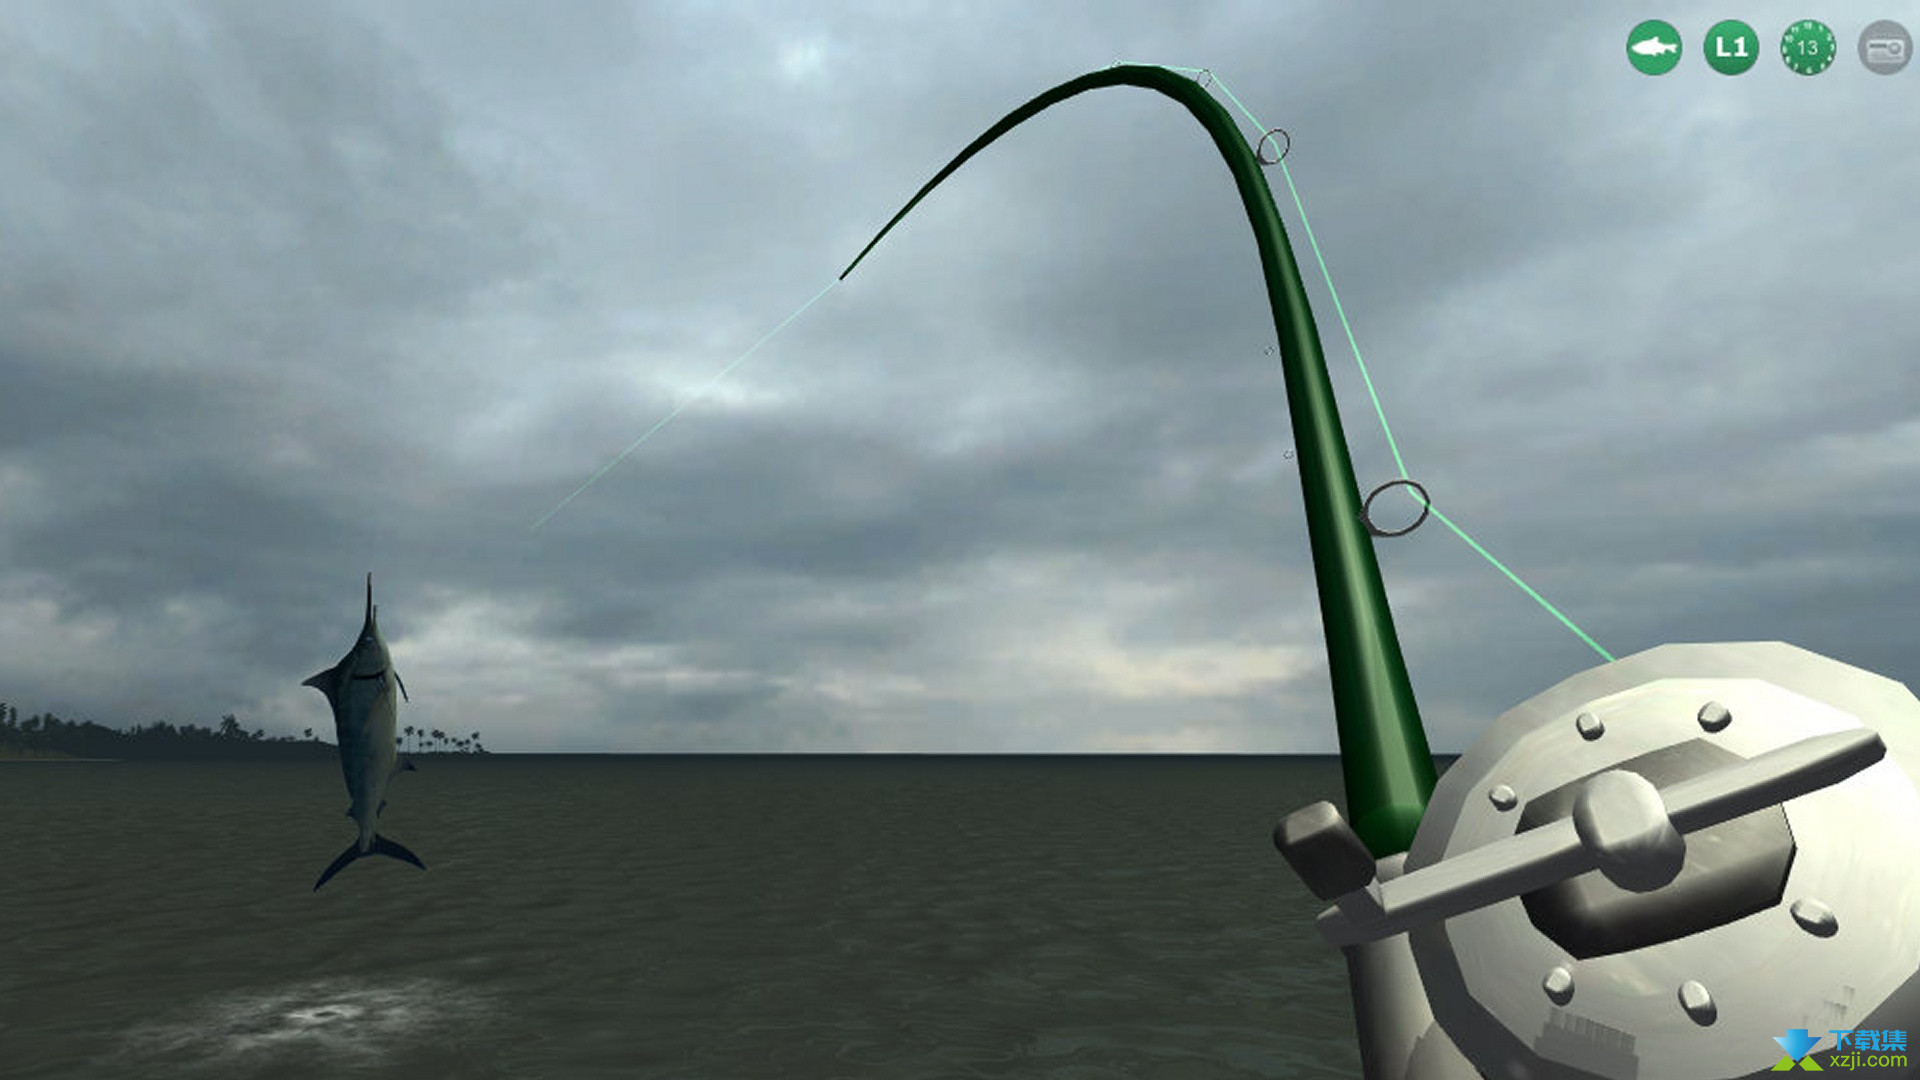 全球钓鱼运动界面2